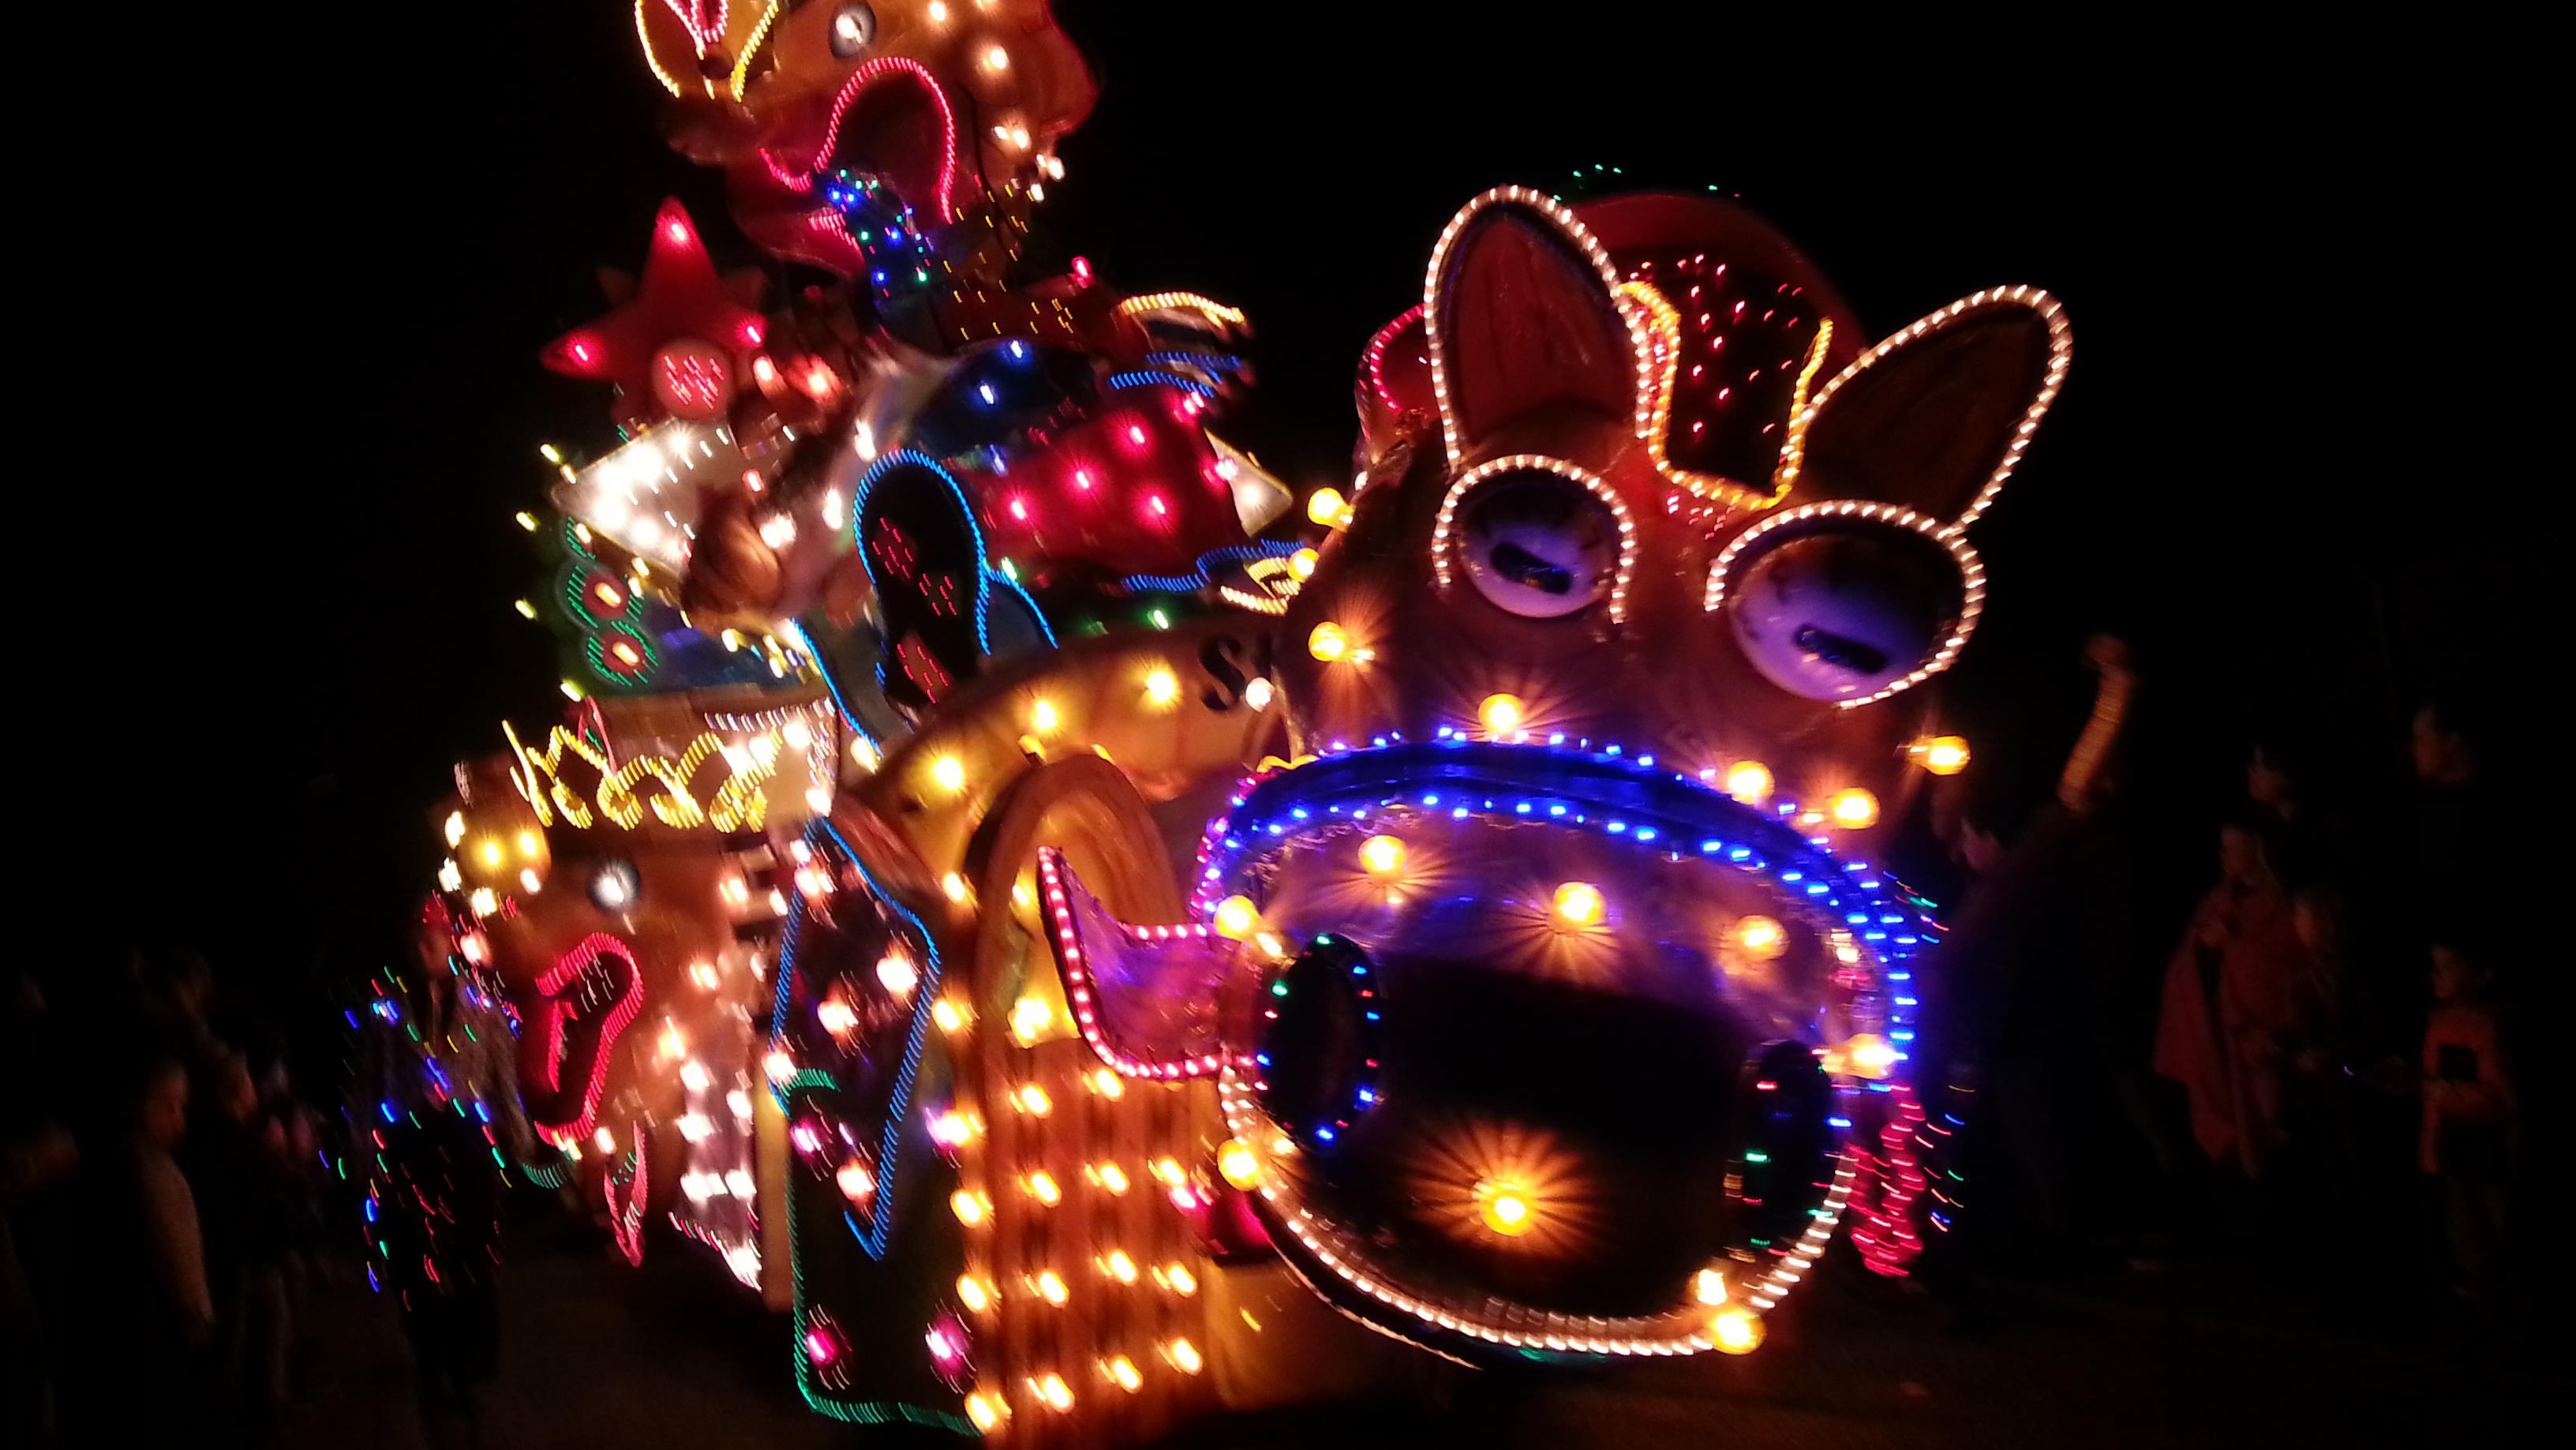 Beautiful Verlichte Carnavalsoptocht Pictures - Trend Ideas 2018 ...